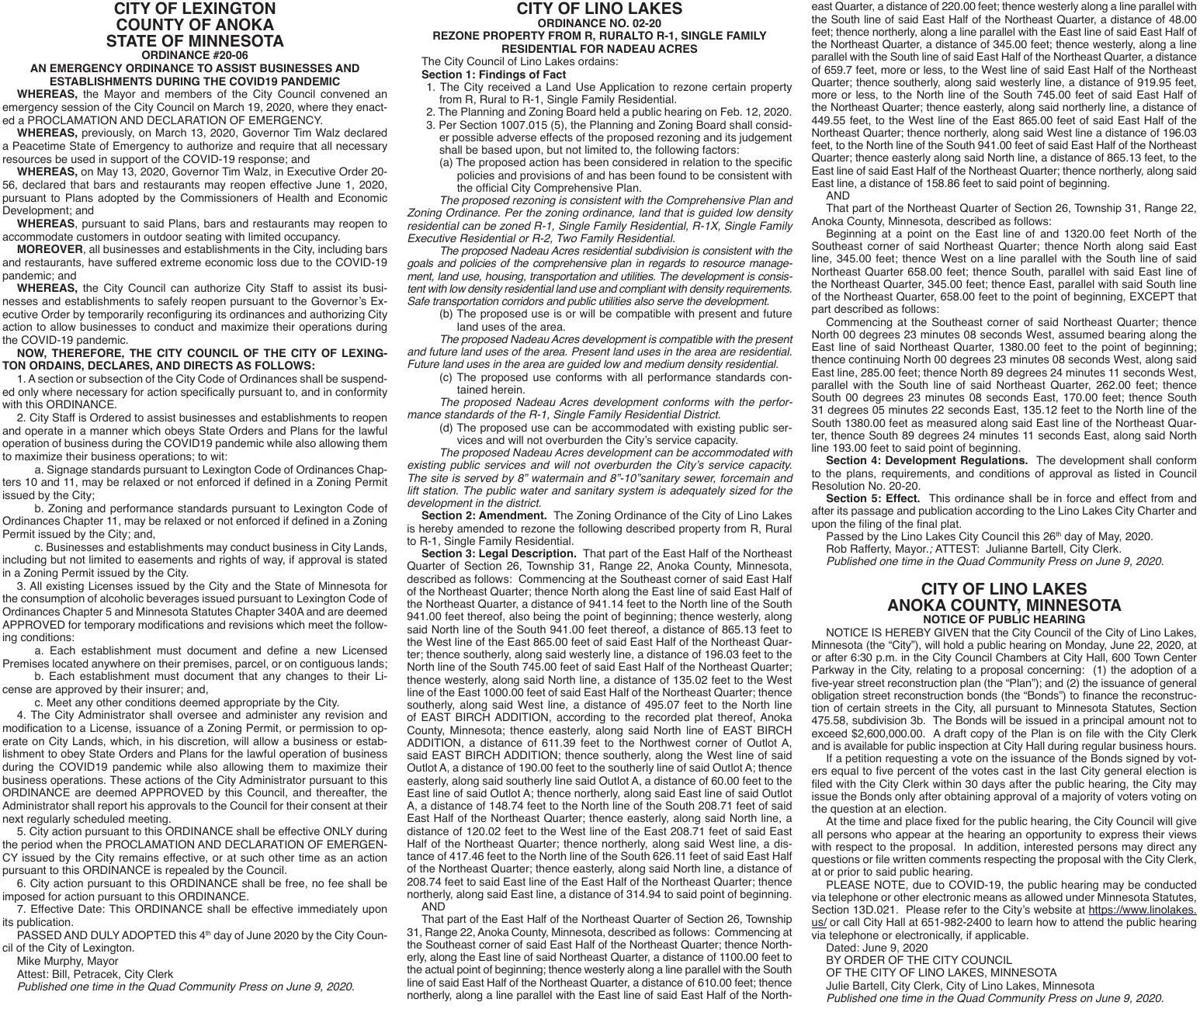 Legals Q 6-9-20_1